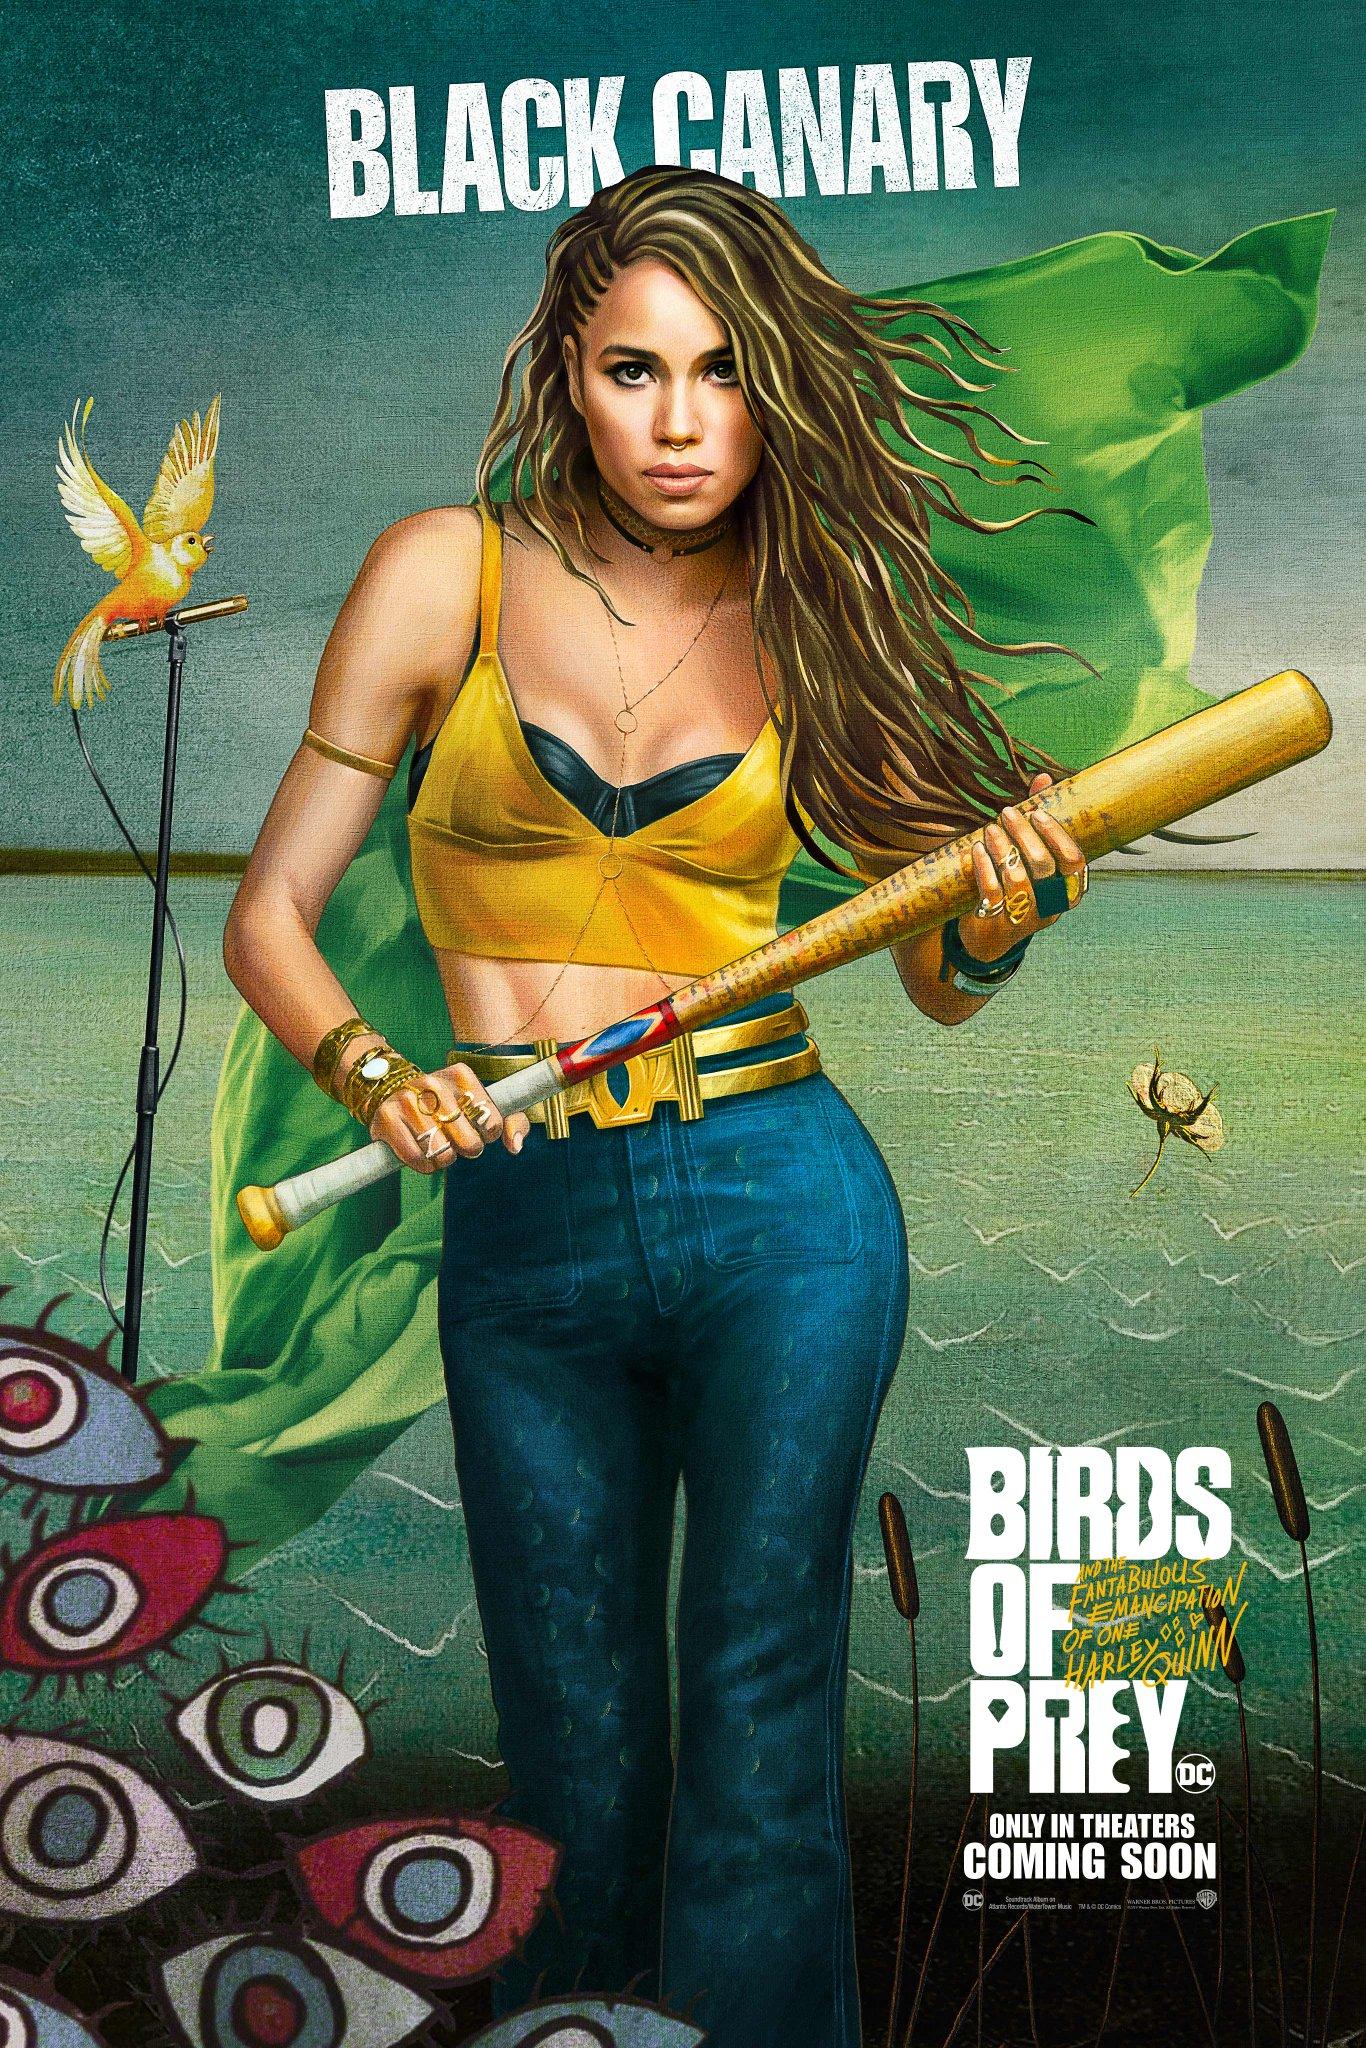 birds_of_prey_p9.png